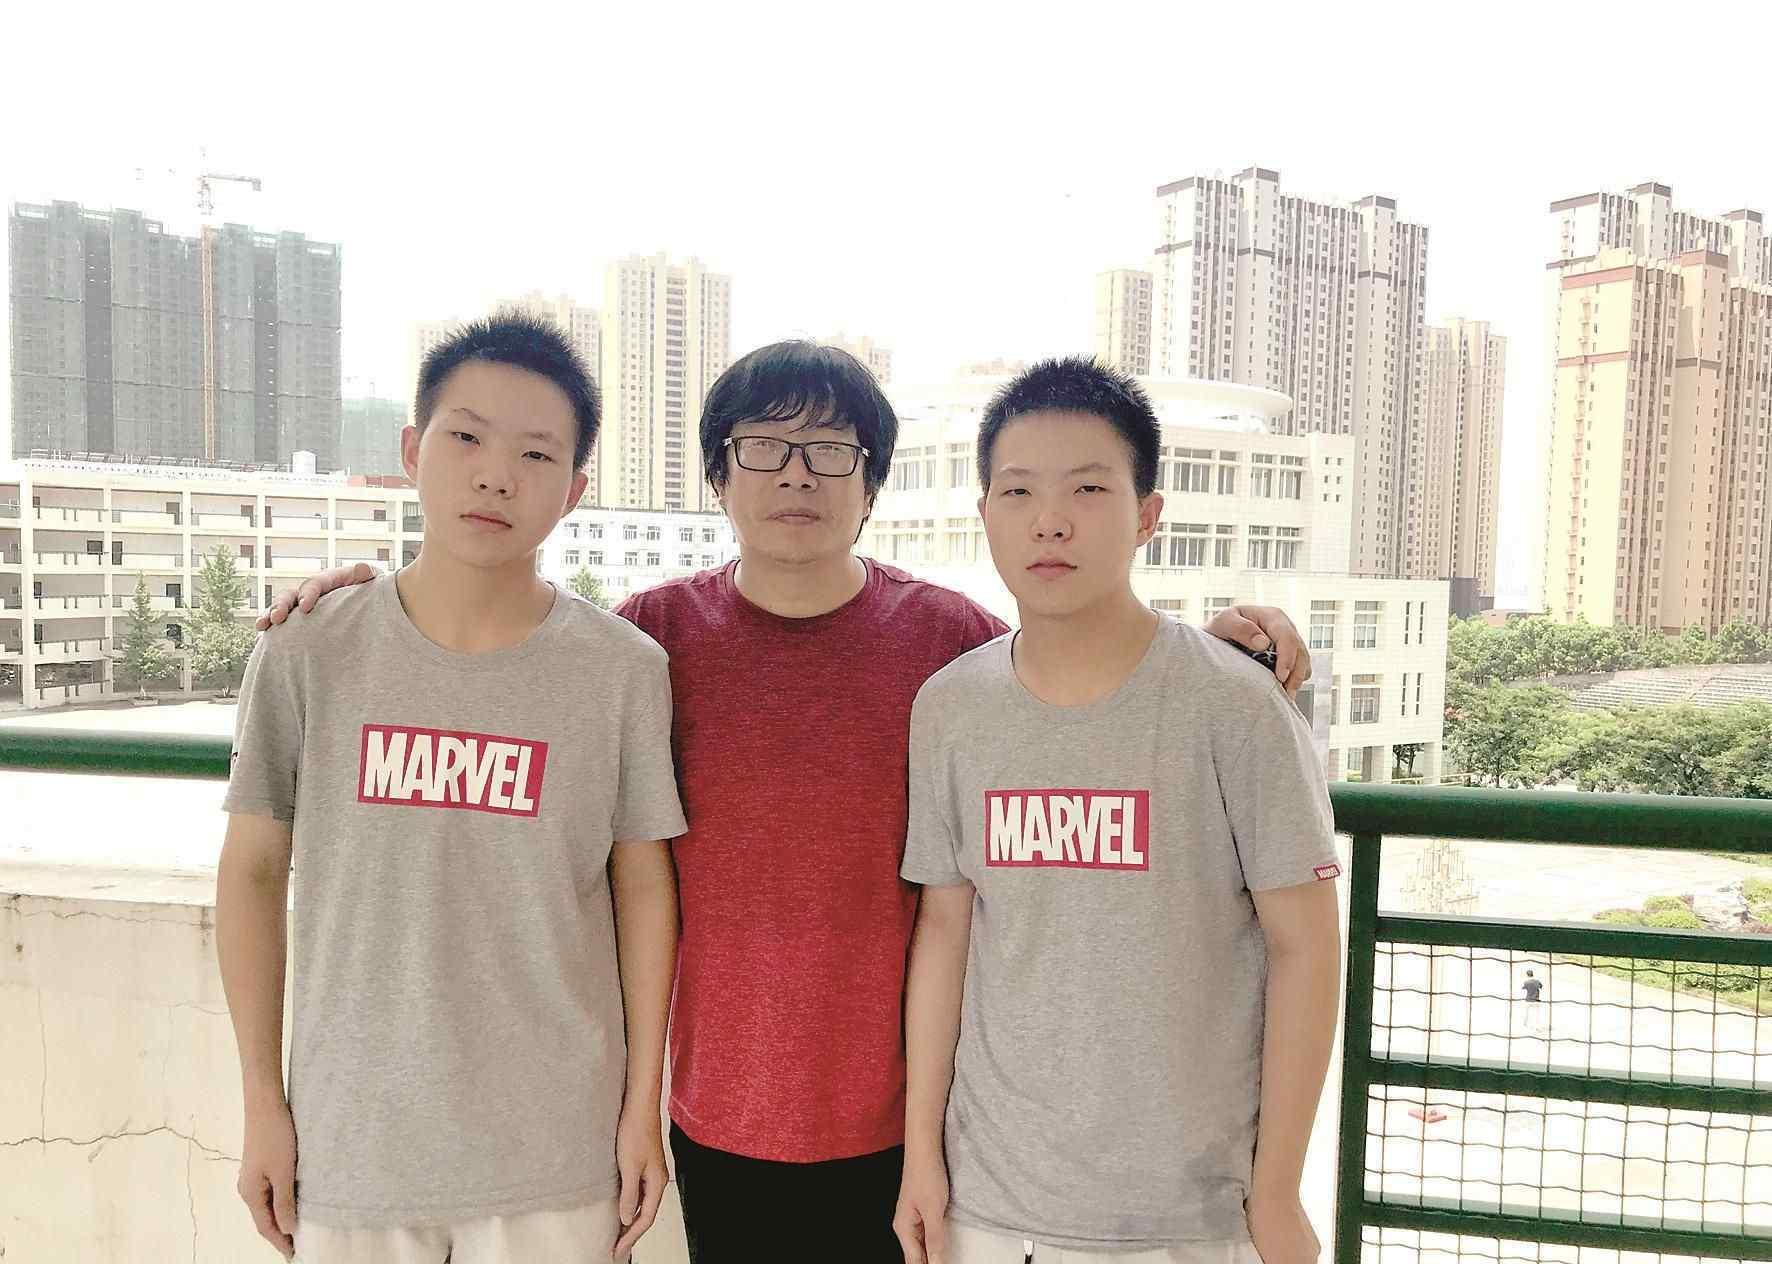 武汉双胞胎兄弟高考同获664分 到底是什么状况?